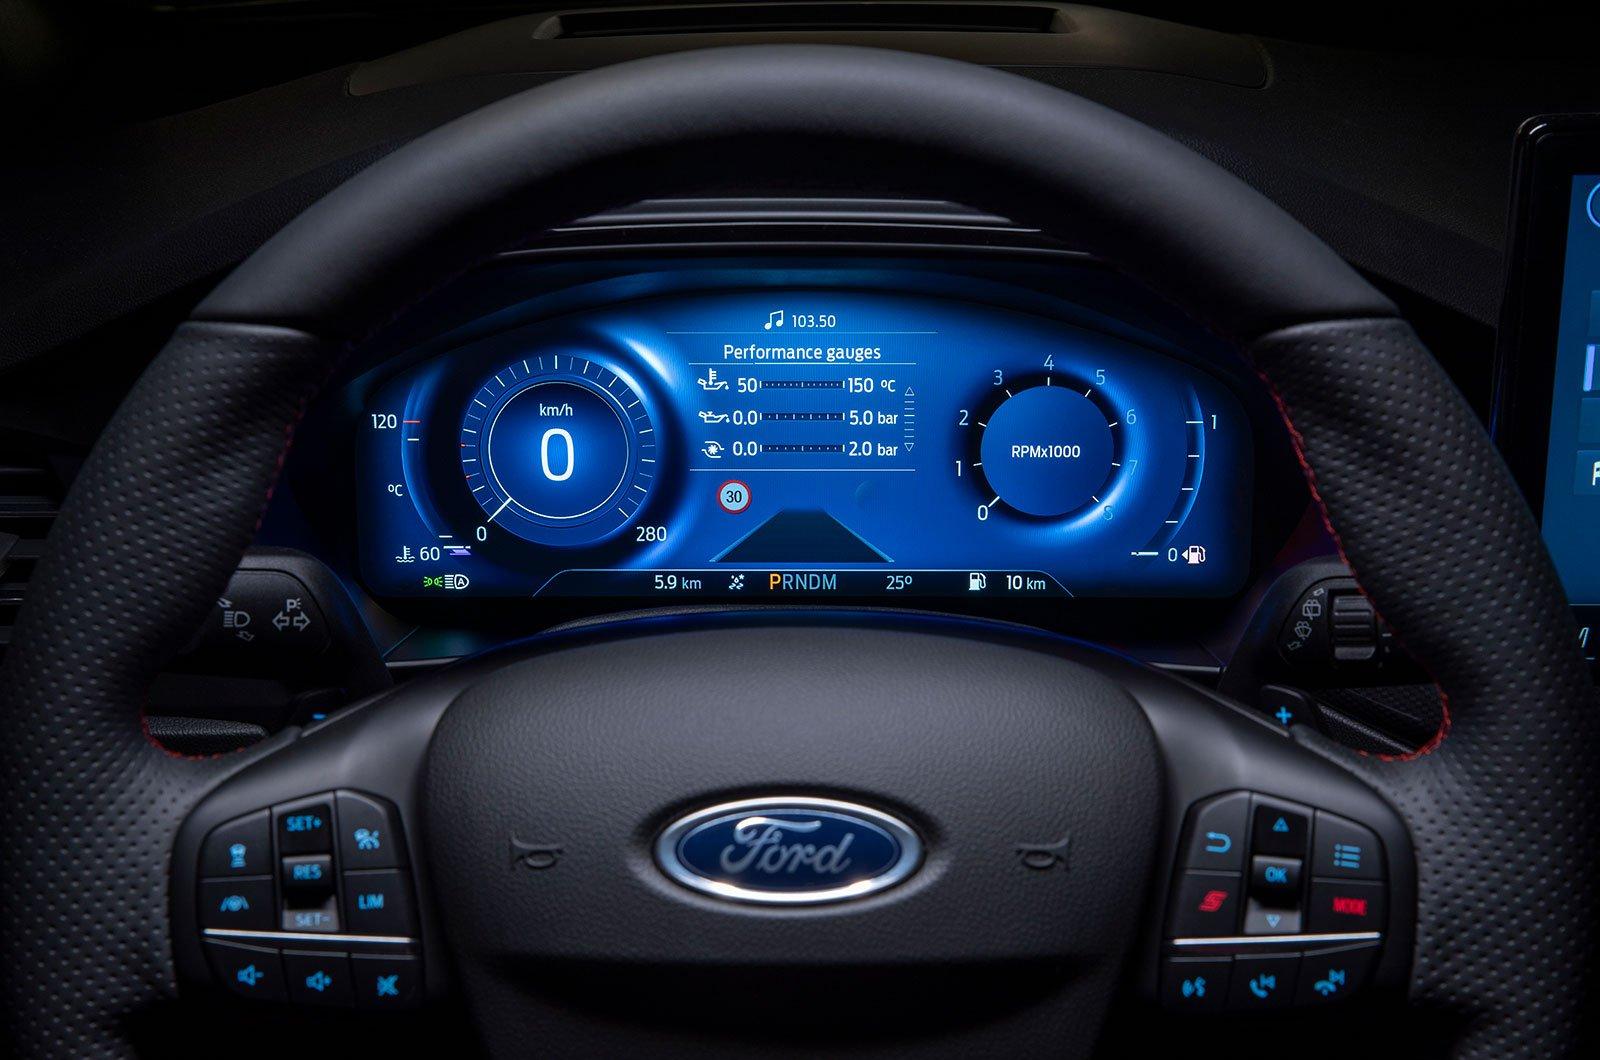 2022 instrumentos digitais Ford Focus